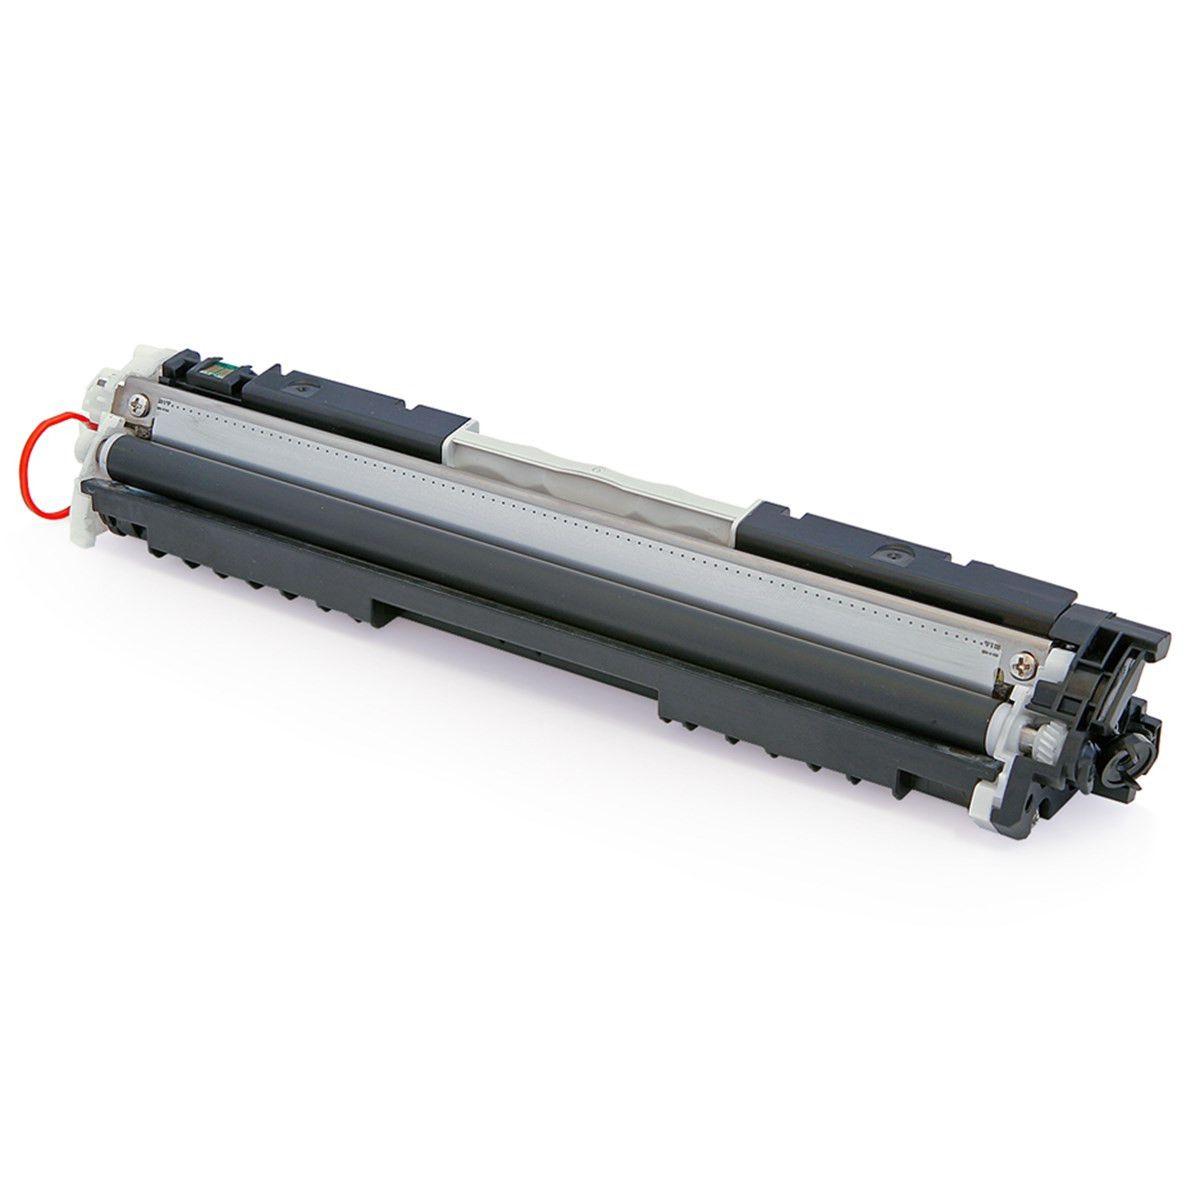 Toner Compativel com HP CF350A 350A 350 130A Preto - M176N M176 M177 M177FW - 1,3K